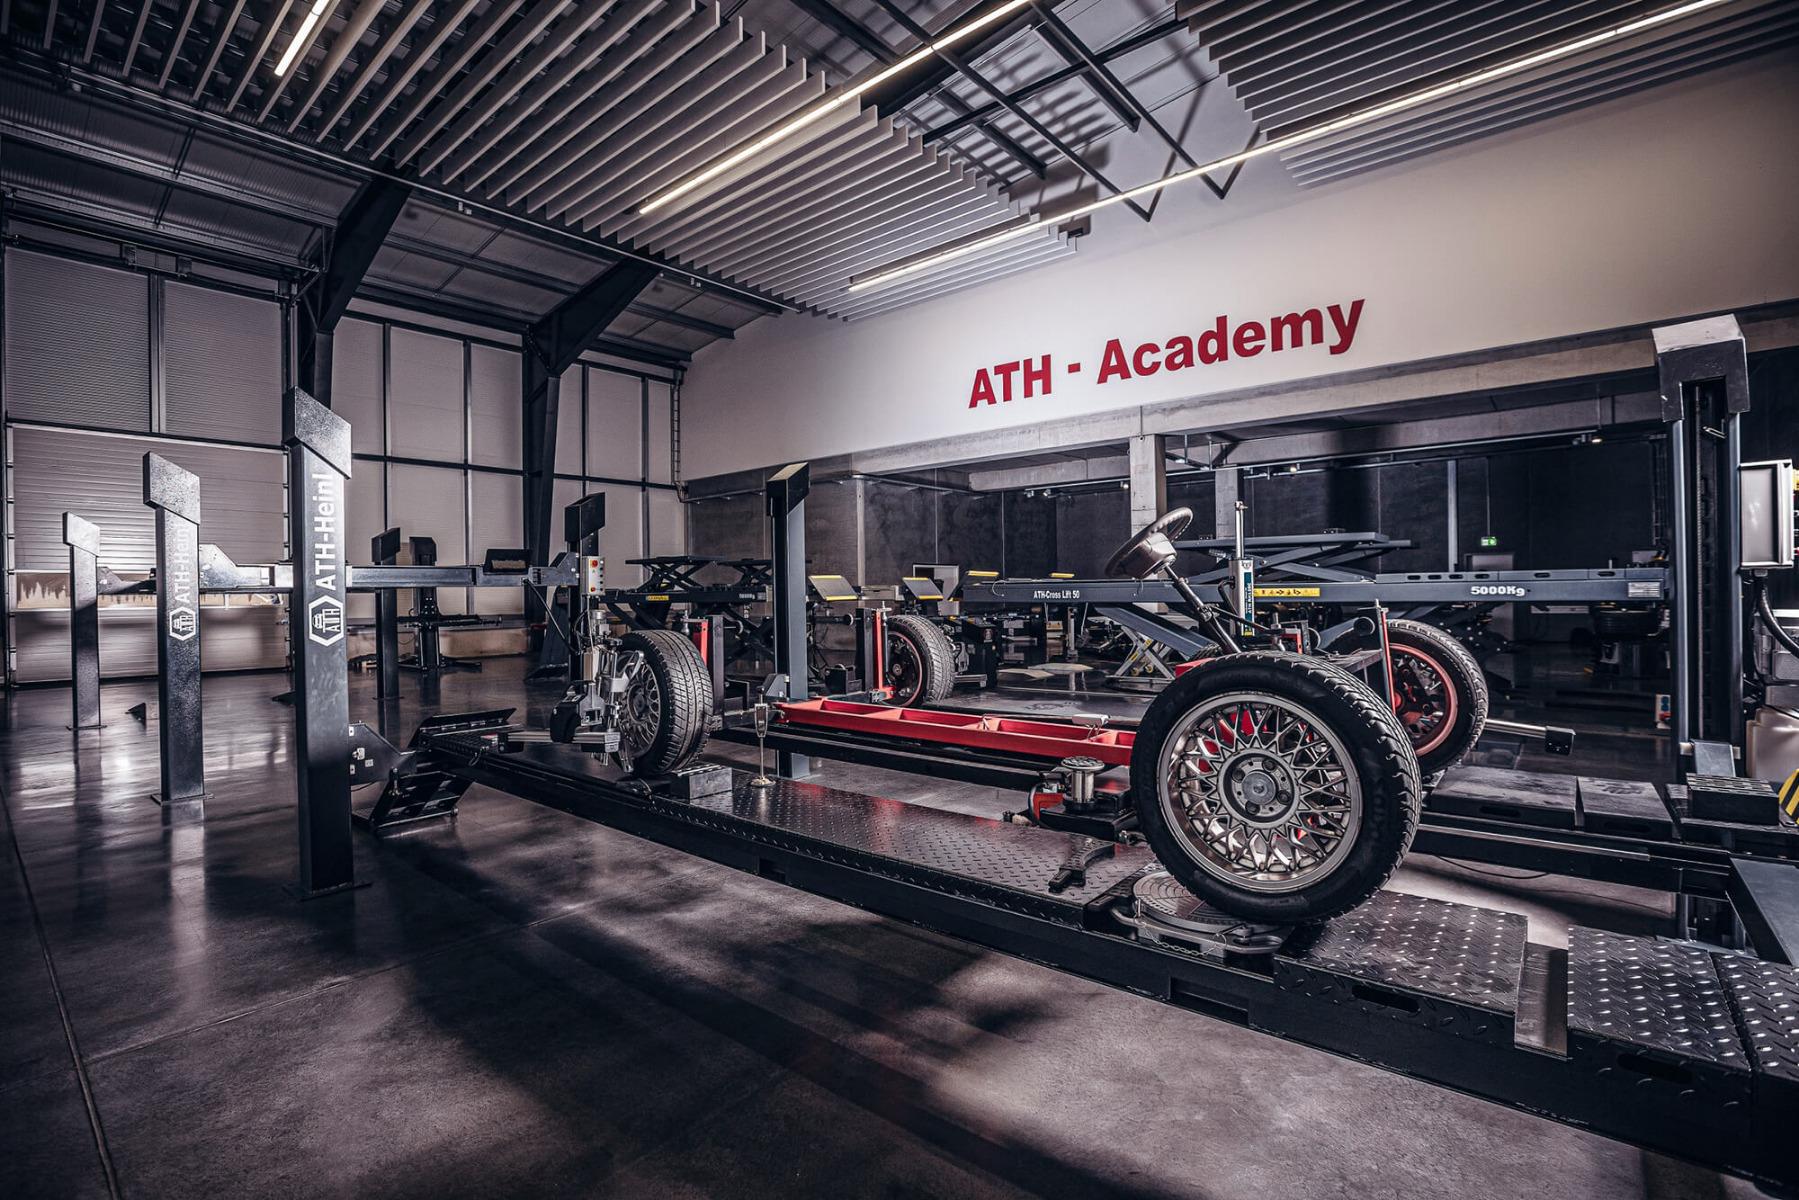 ATH-Academy